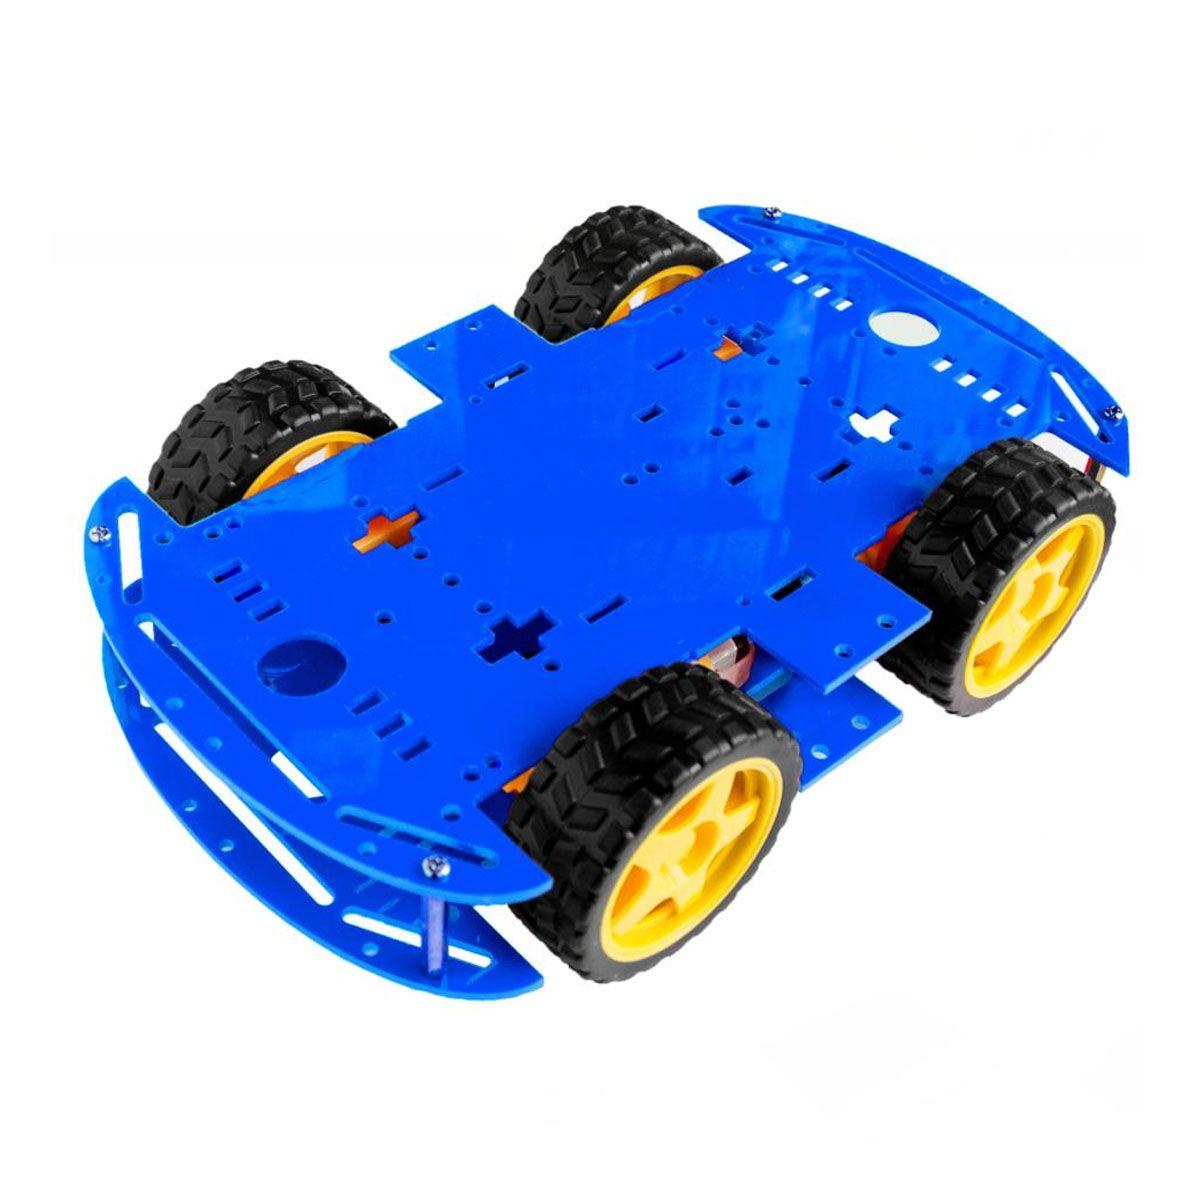 Kit Chassi 4WD 4 Rodas com Motores e Base Azul de Acrílico 3mm